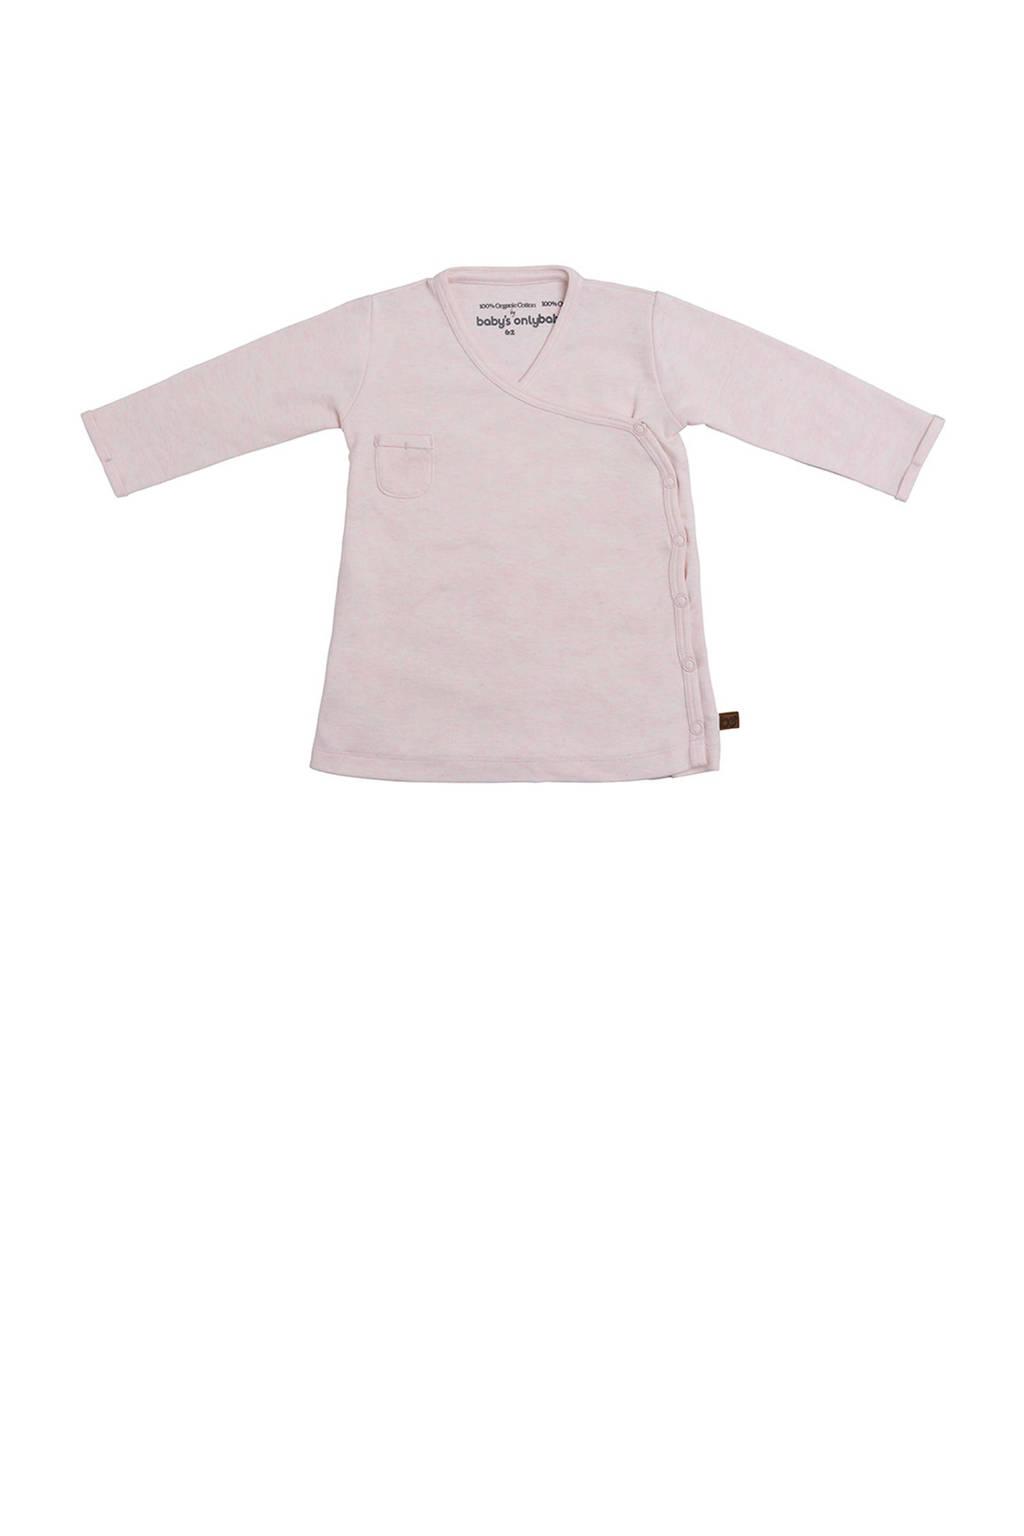 Baby's Only newborn baby jurk, Lichtroze